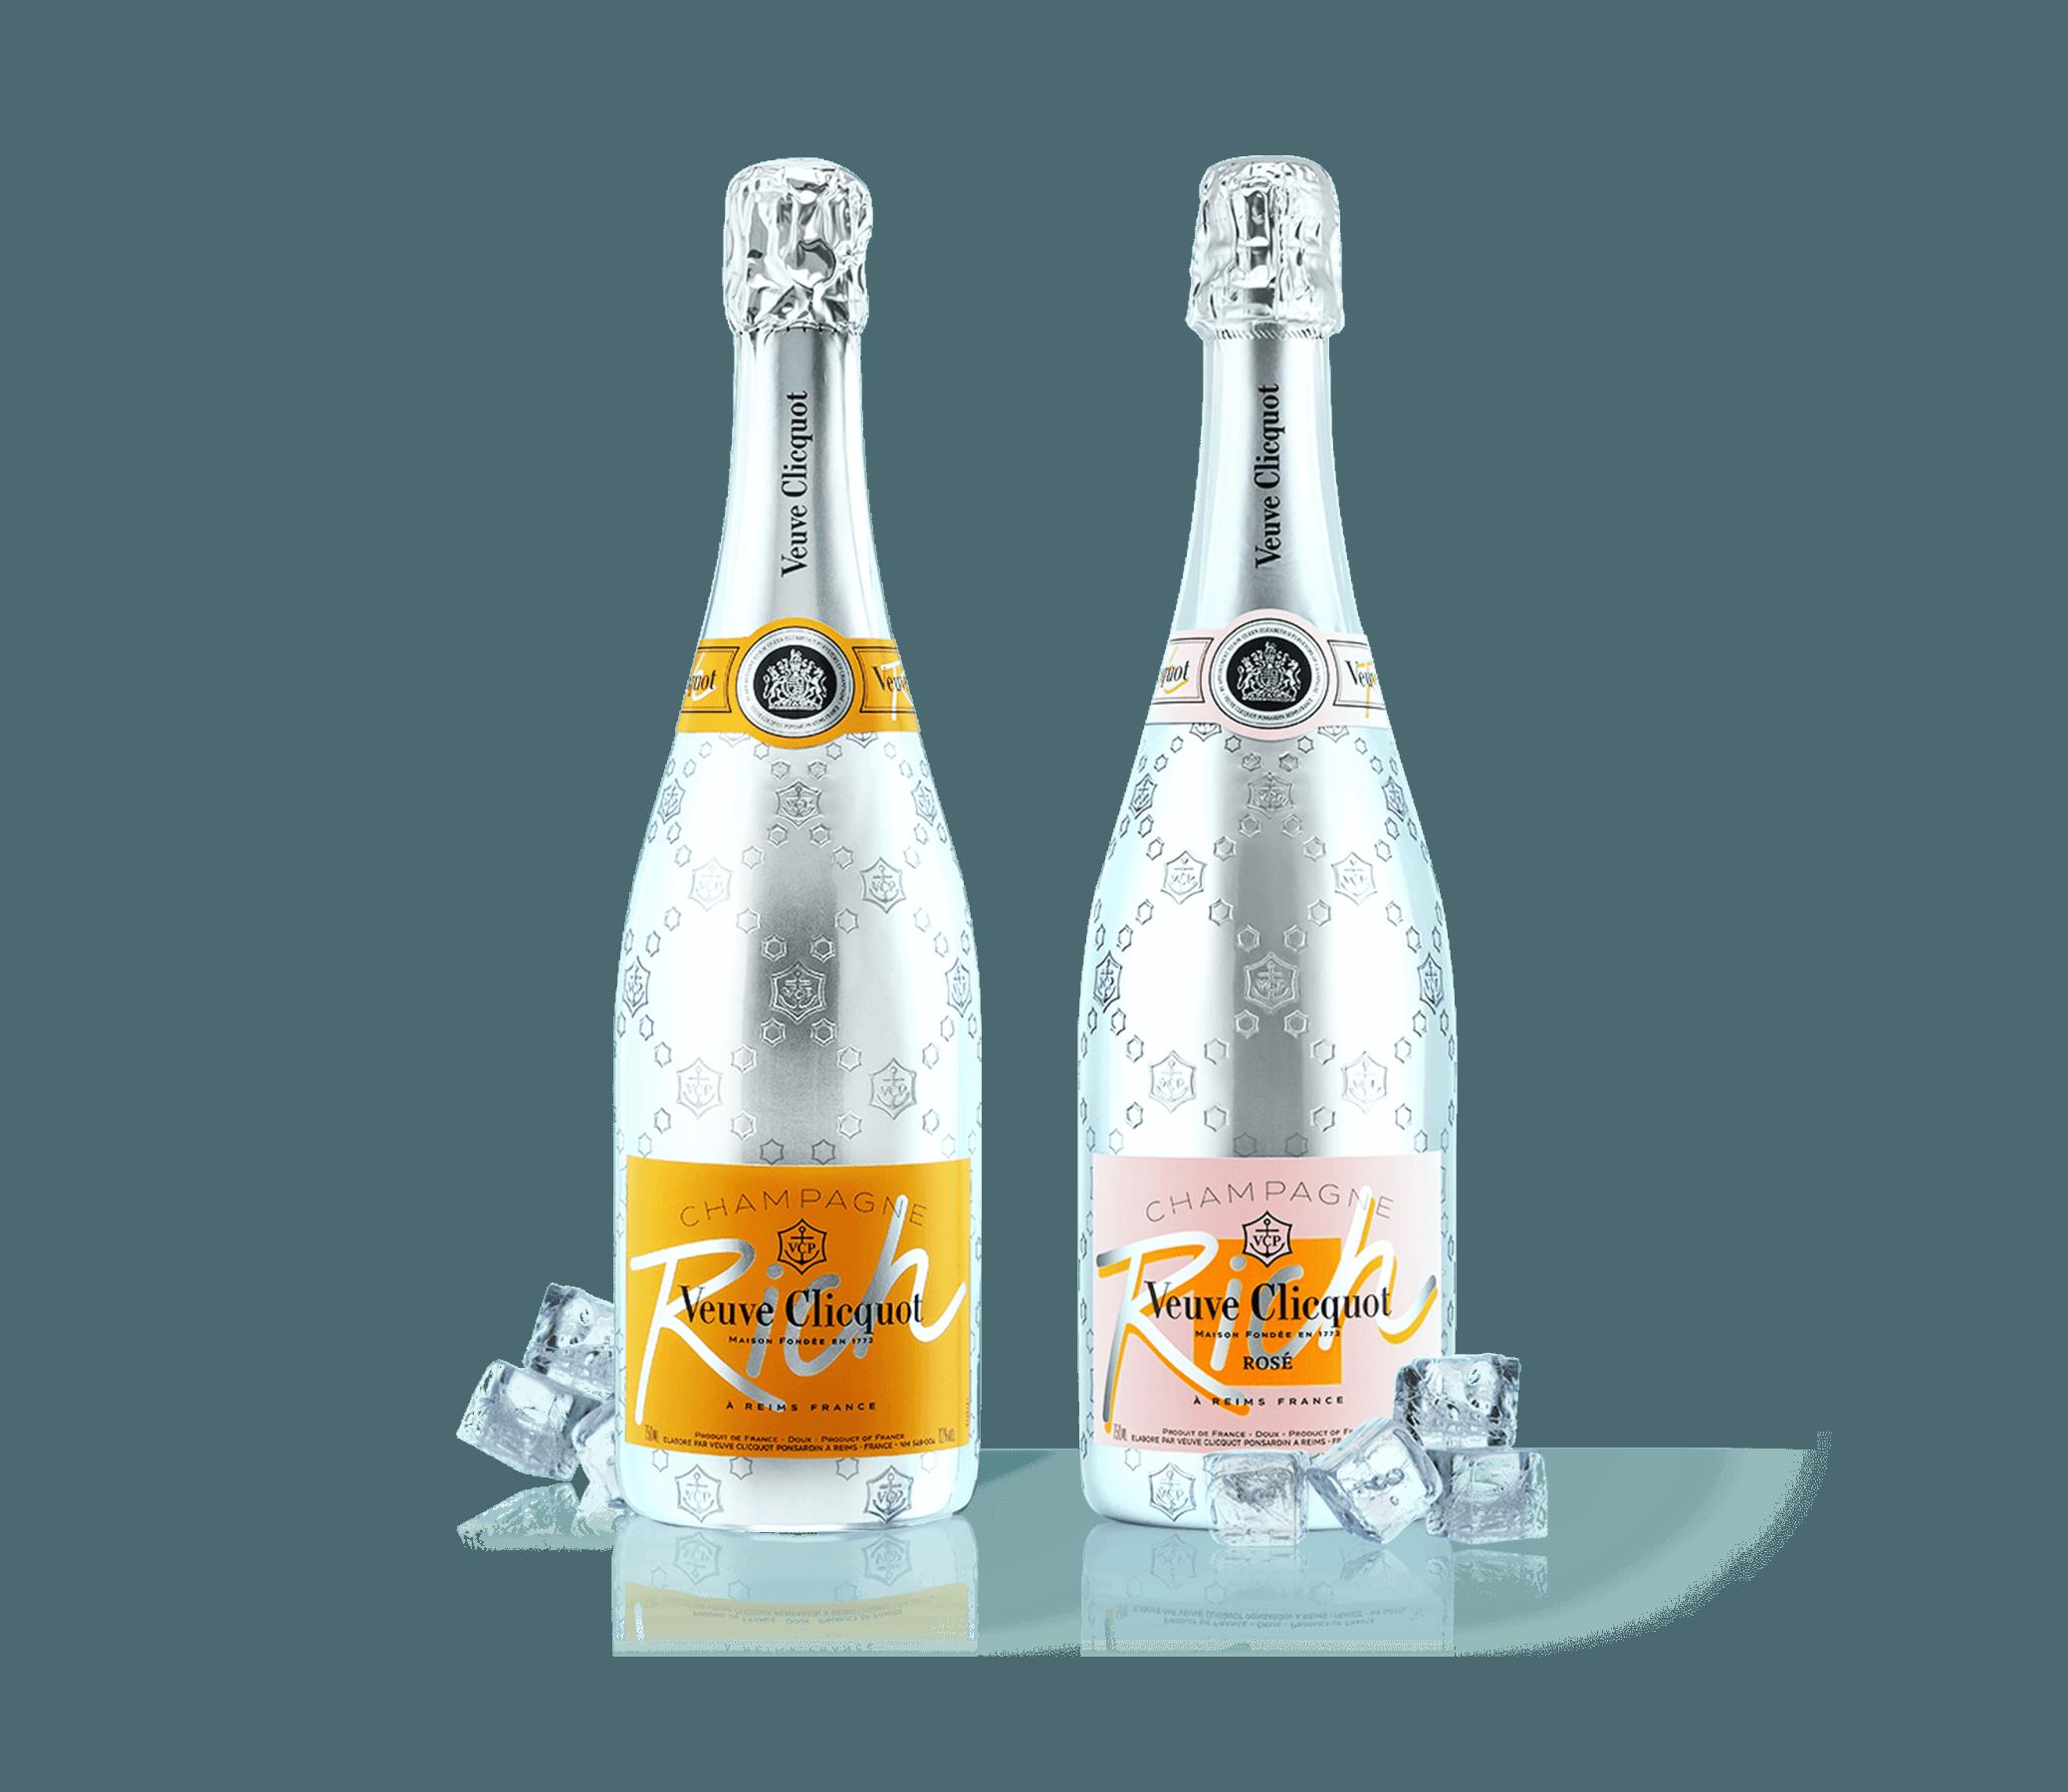 凯歌香槟发布两款新风味香槟